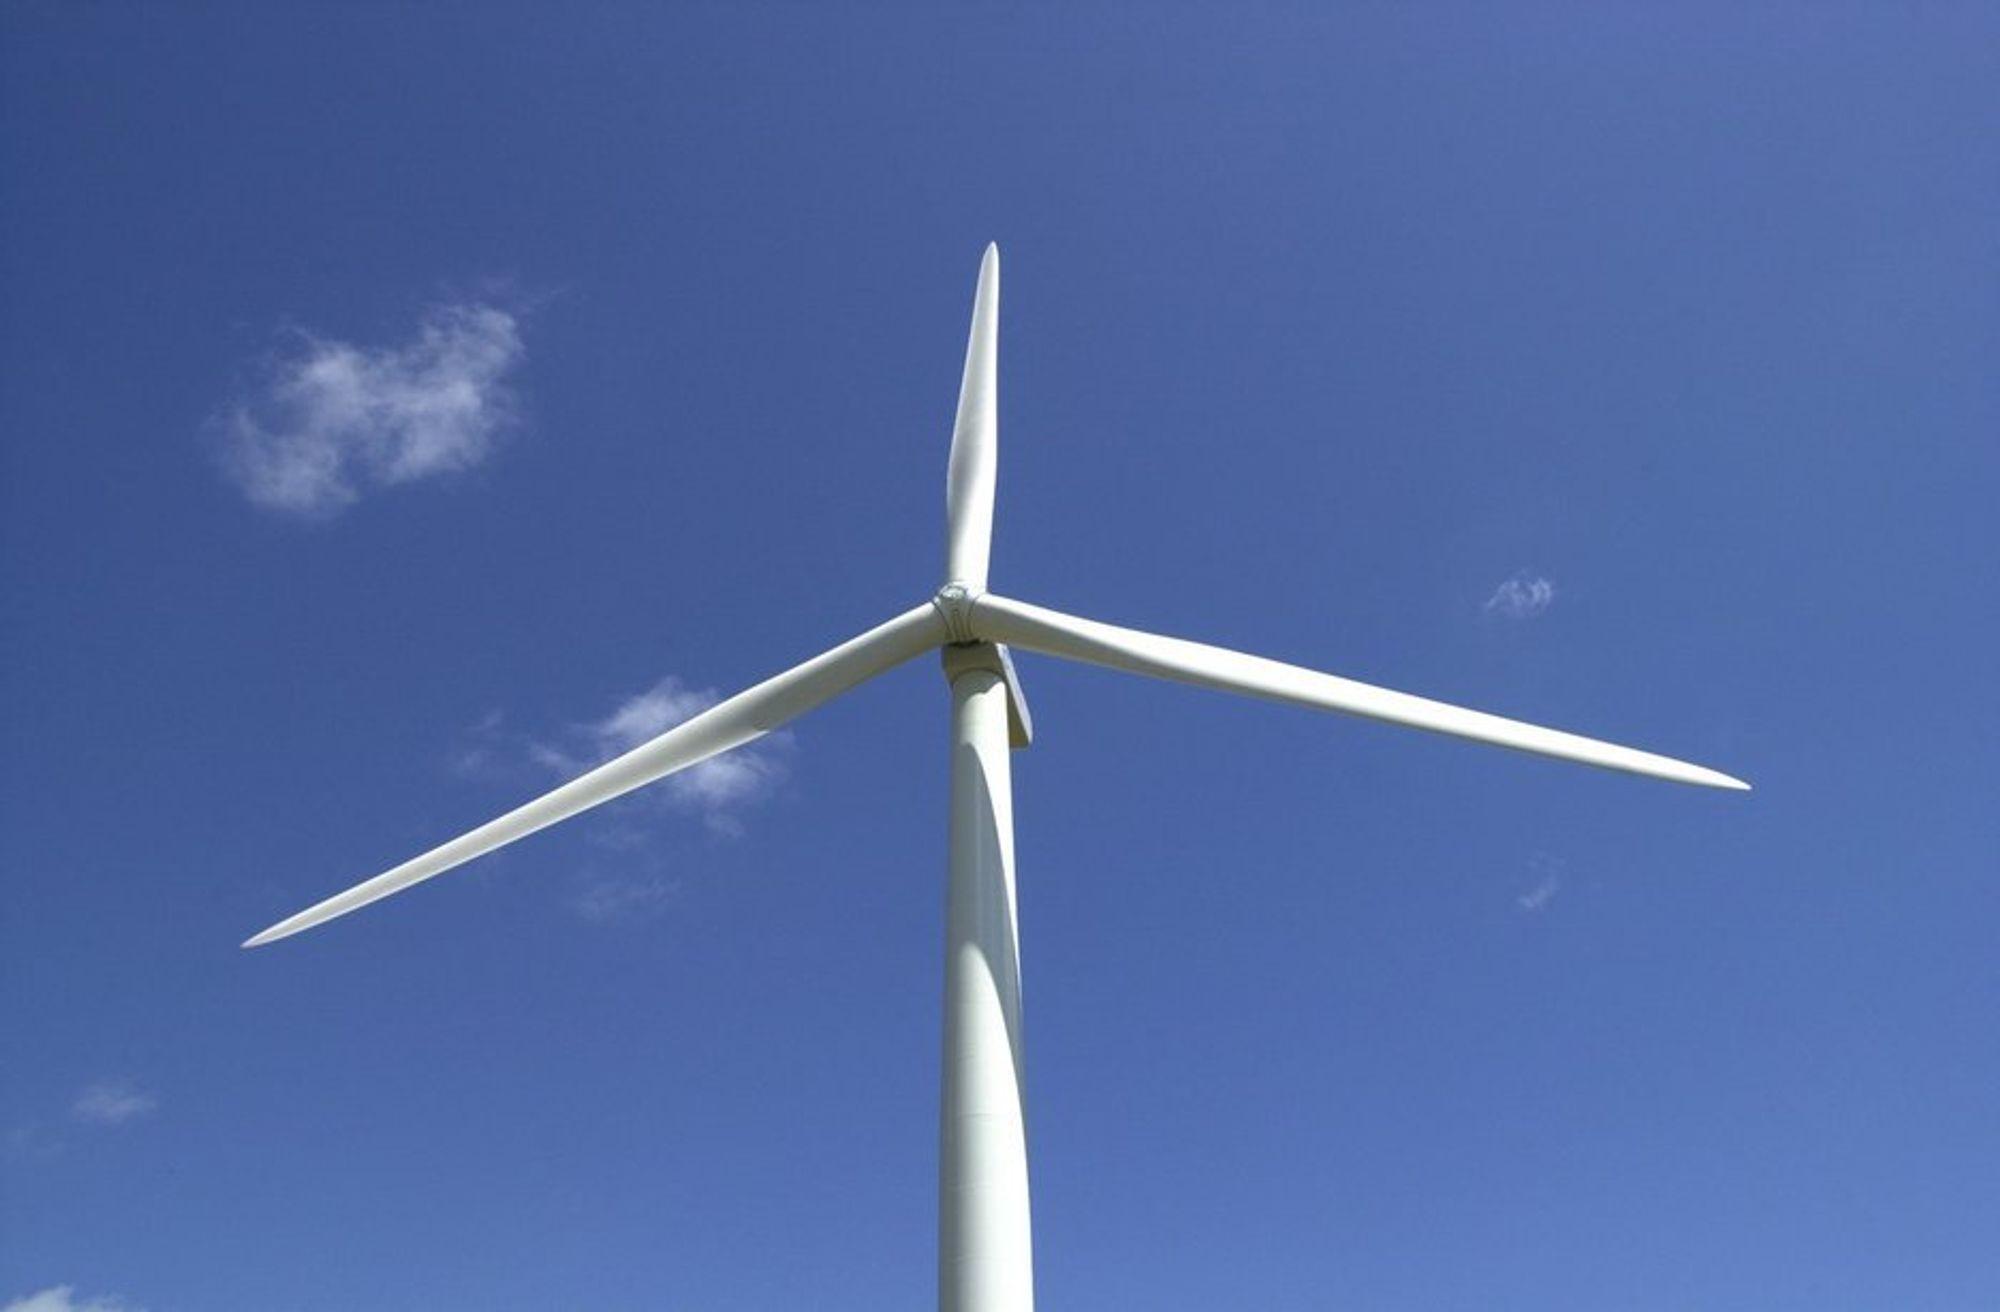 Et felles marked for grønne sertifikater i Norge og Sverige kan føre til økt vindkraftutbygging - i Sverige.